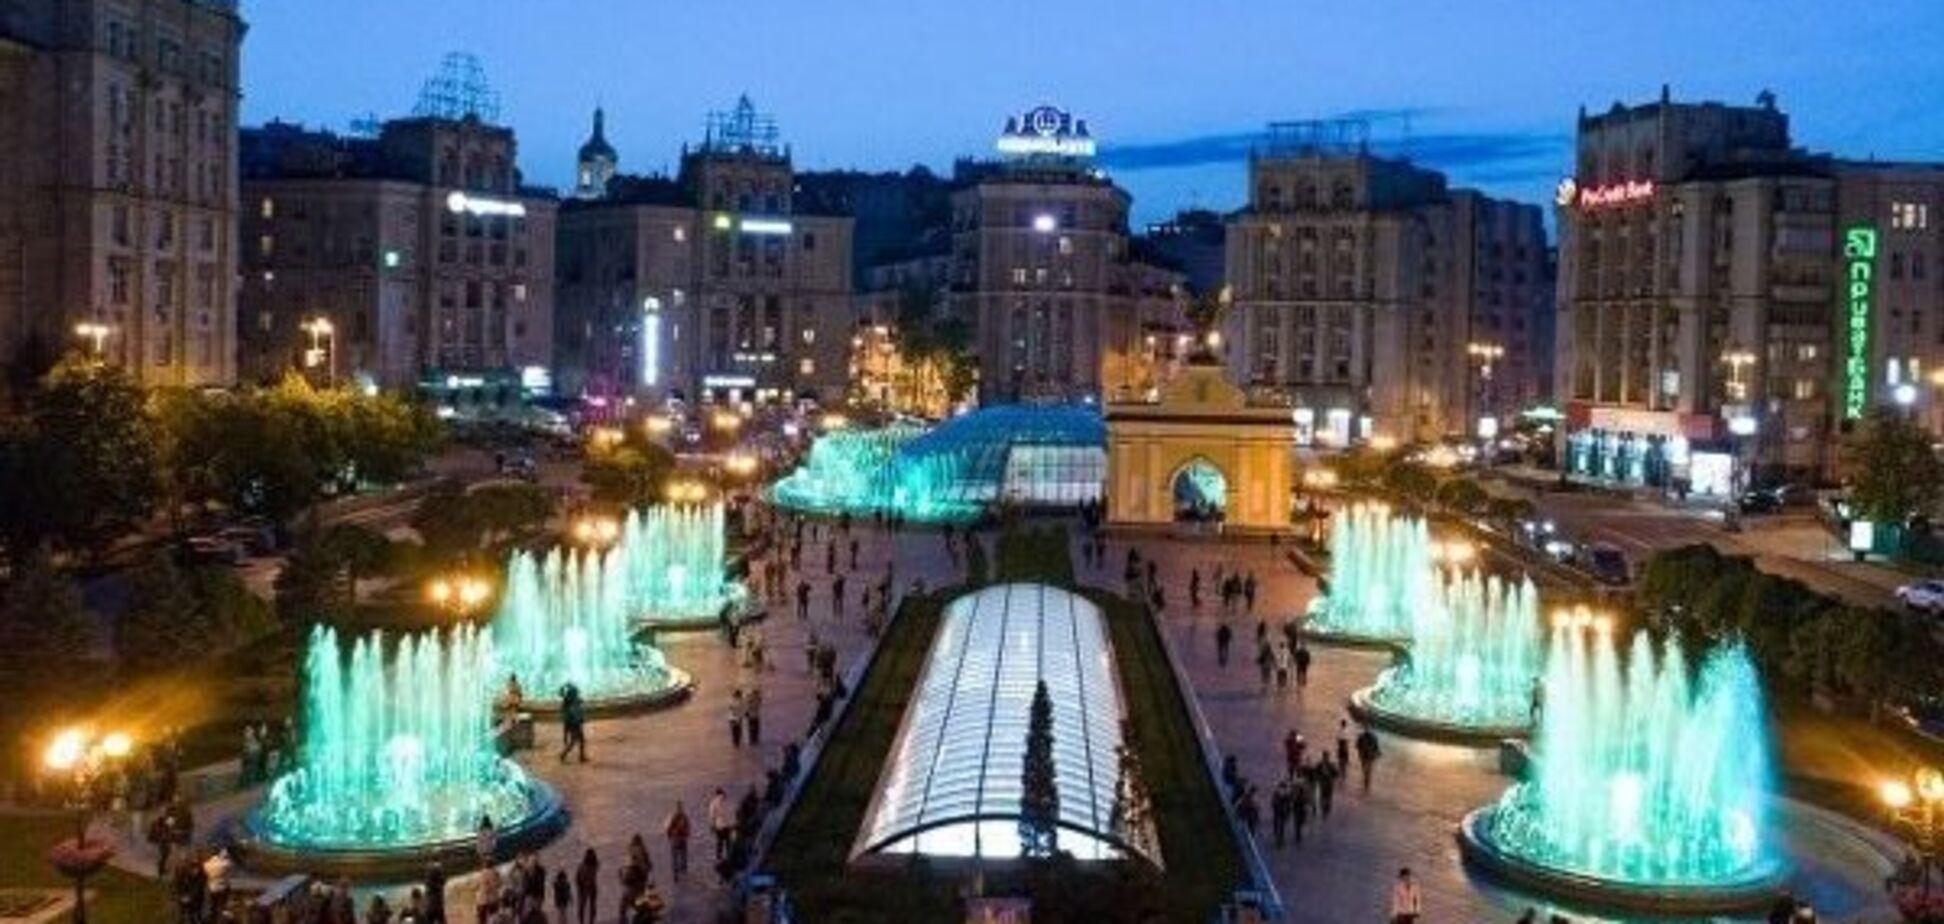 В Киеве закрывают фонтаны: что произошло